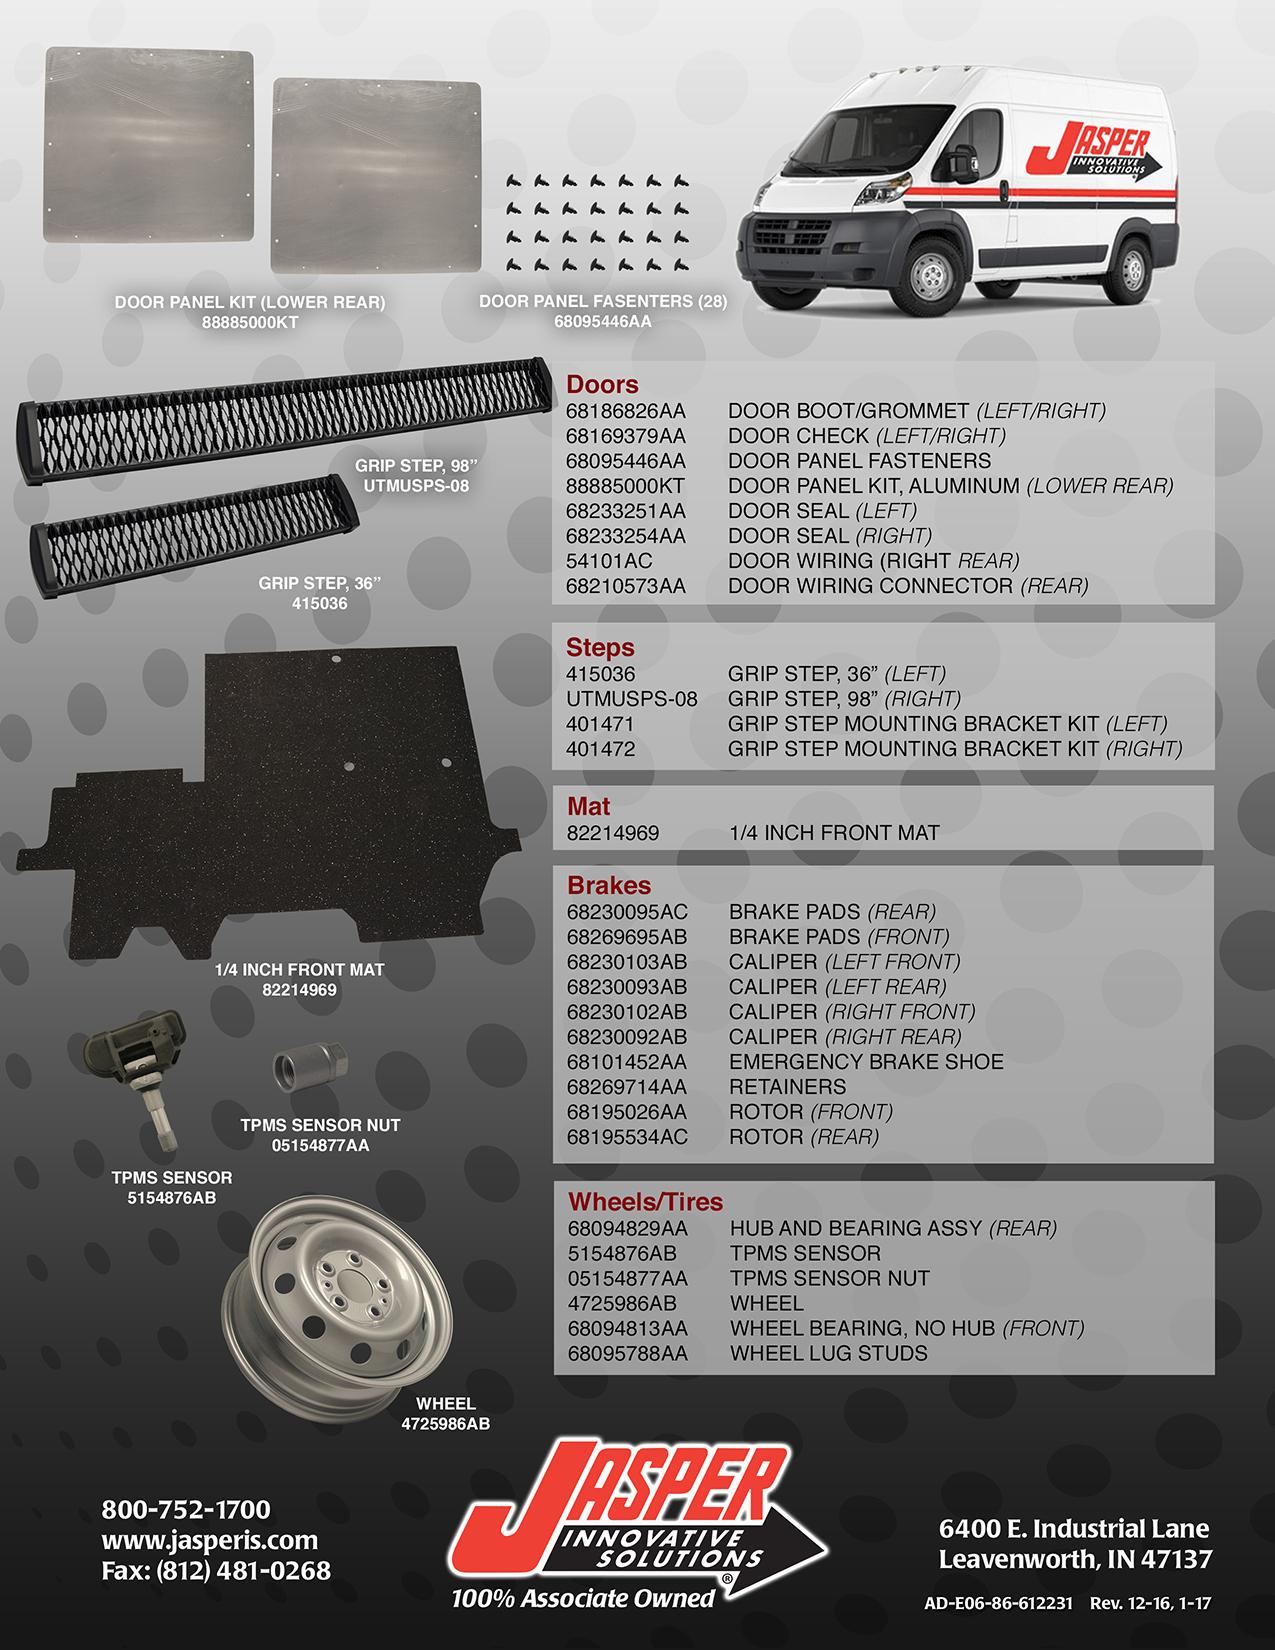 Ram Promaster – Dodge Ram Rear Door Wiring Connectors